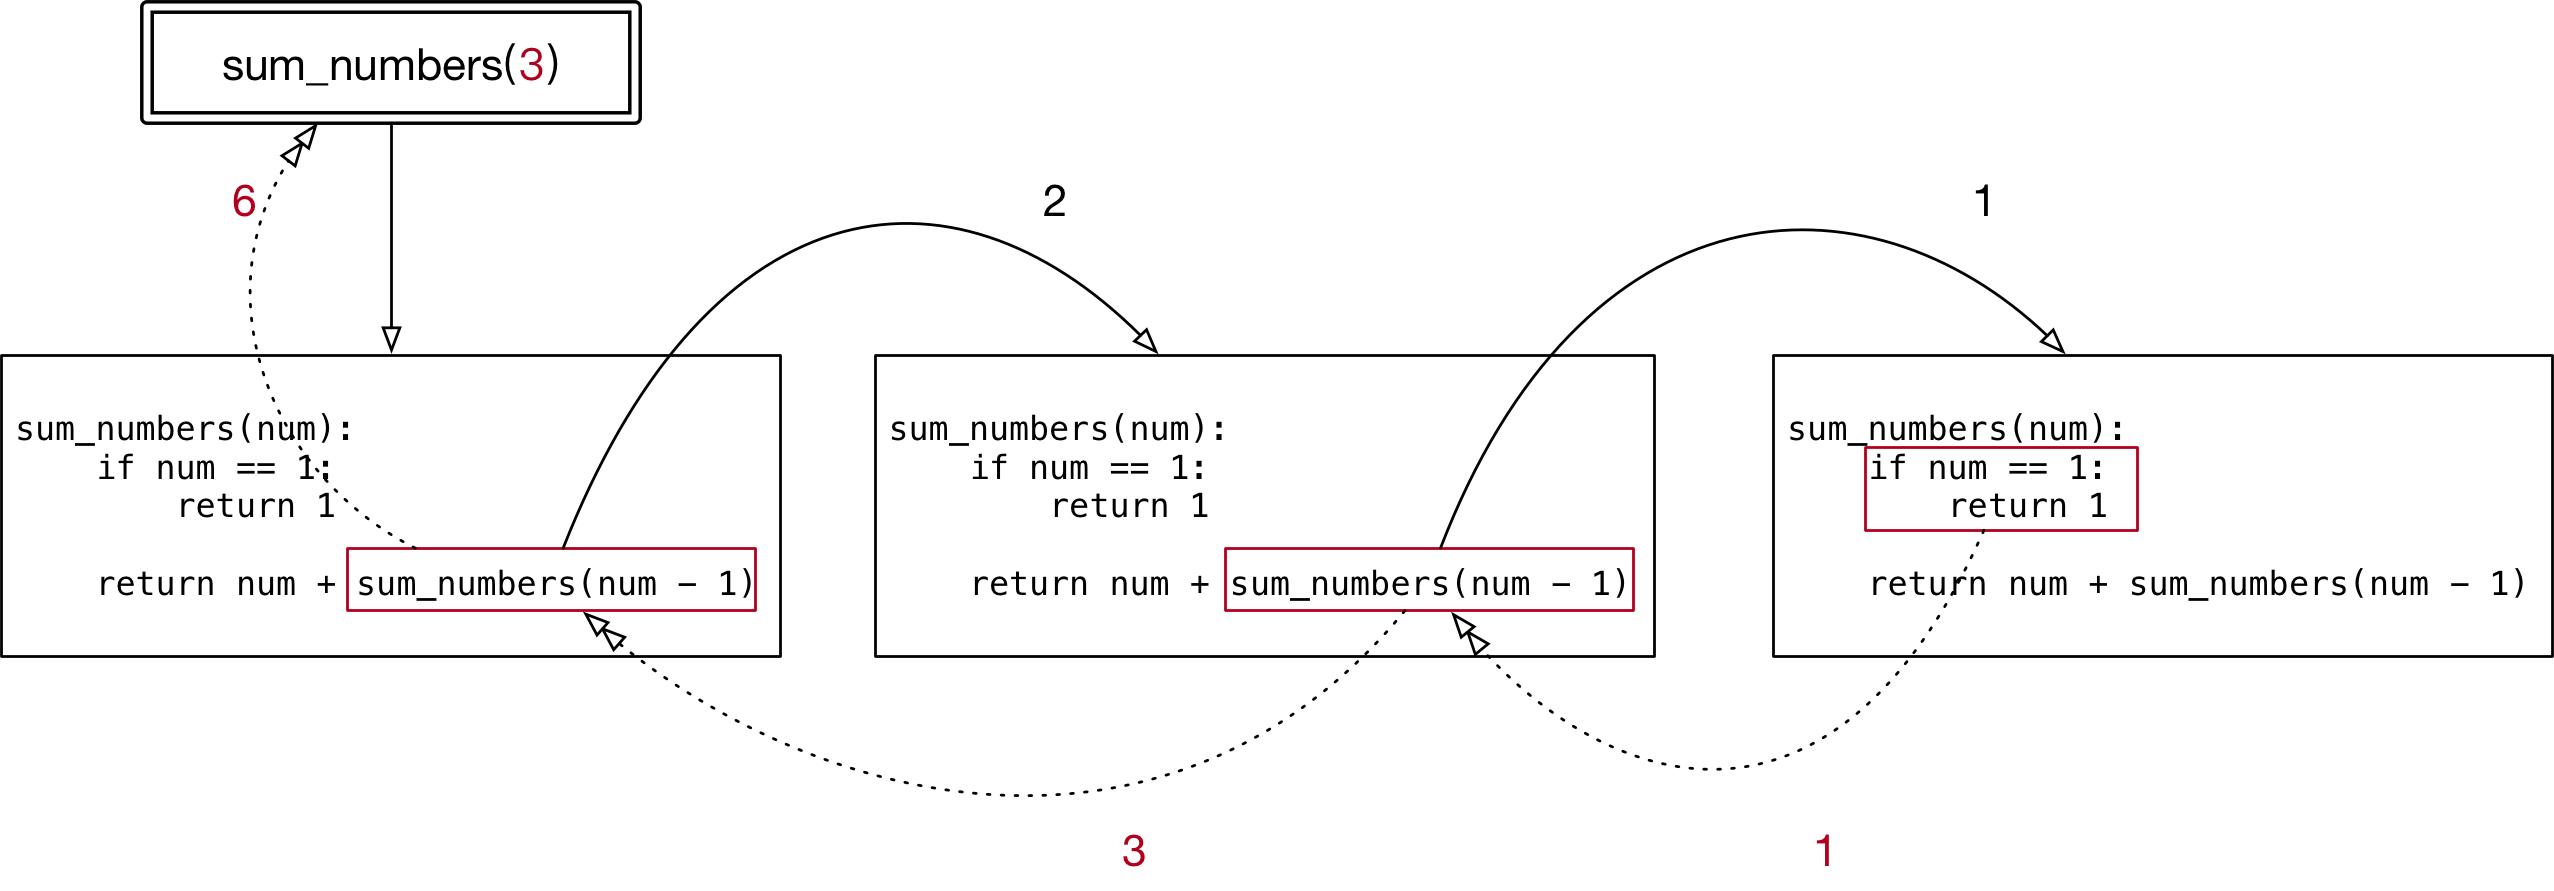 002_递归调用示意图.png